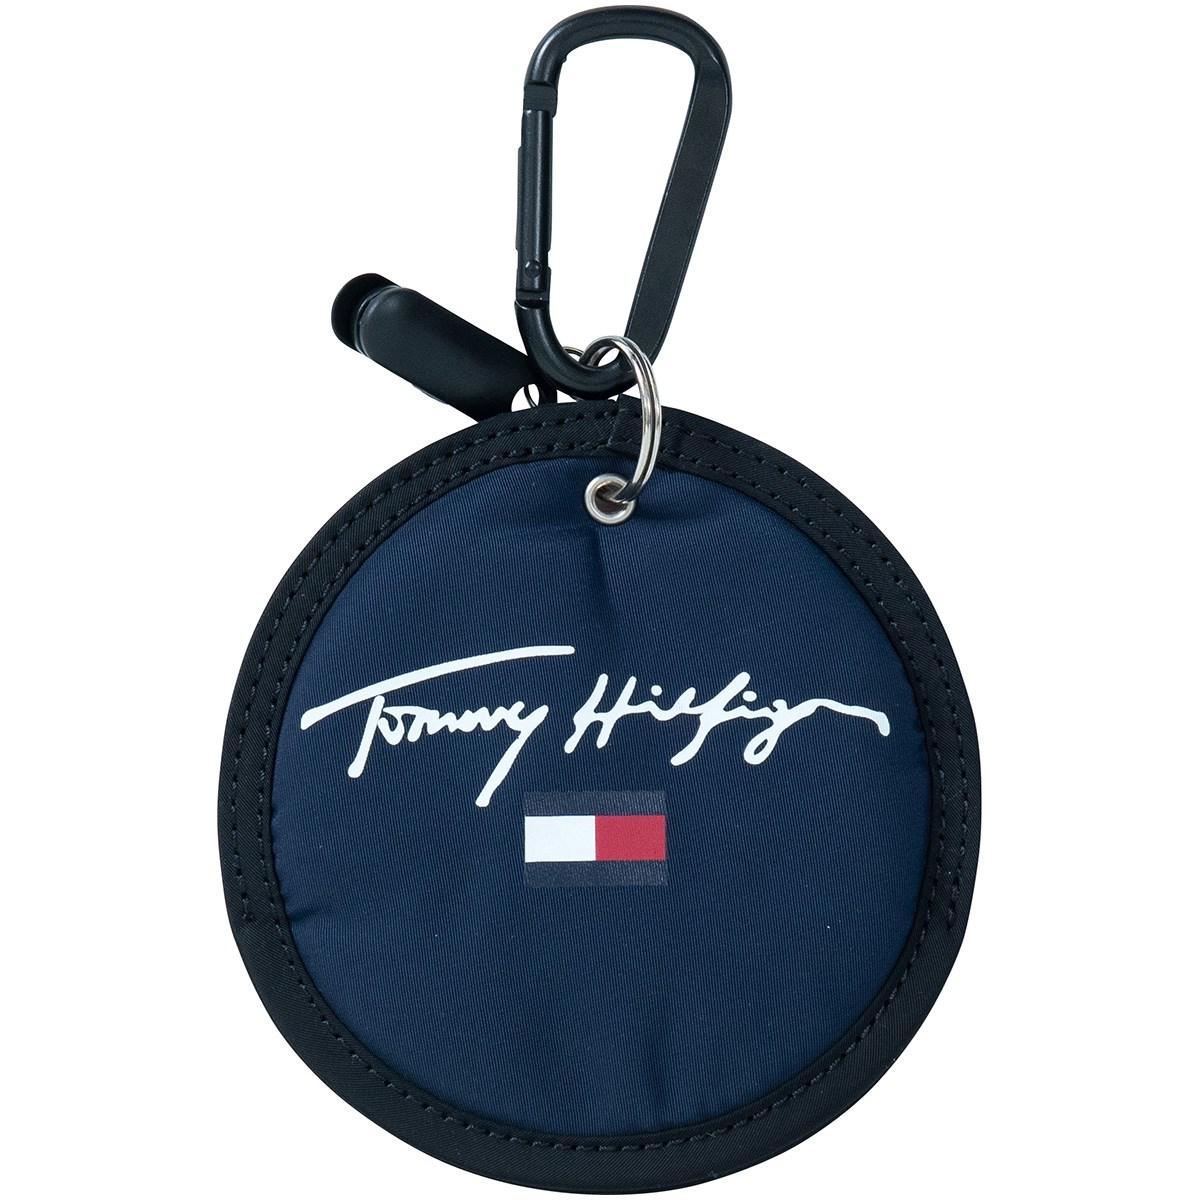 トミー ヒルフィガー ゴルフ TOMMY HILFIGER GOLF ボールクリーナー&パターカバーキャッチャー マルチ 91